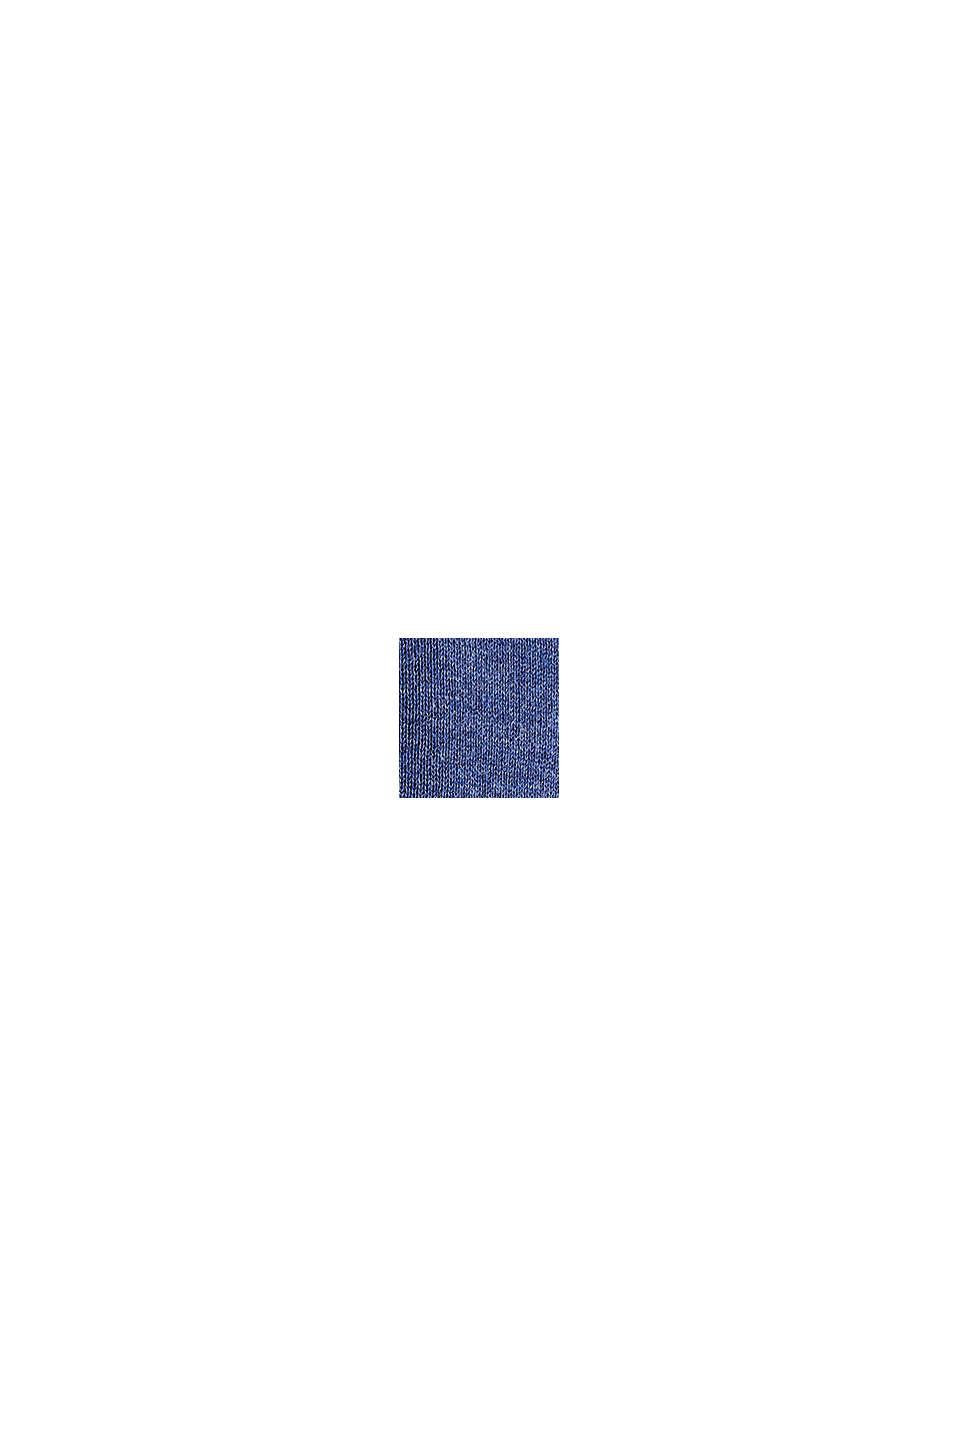 Pull-over à encolure en V, 100% coton, DARK BLUE, swatch